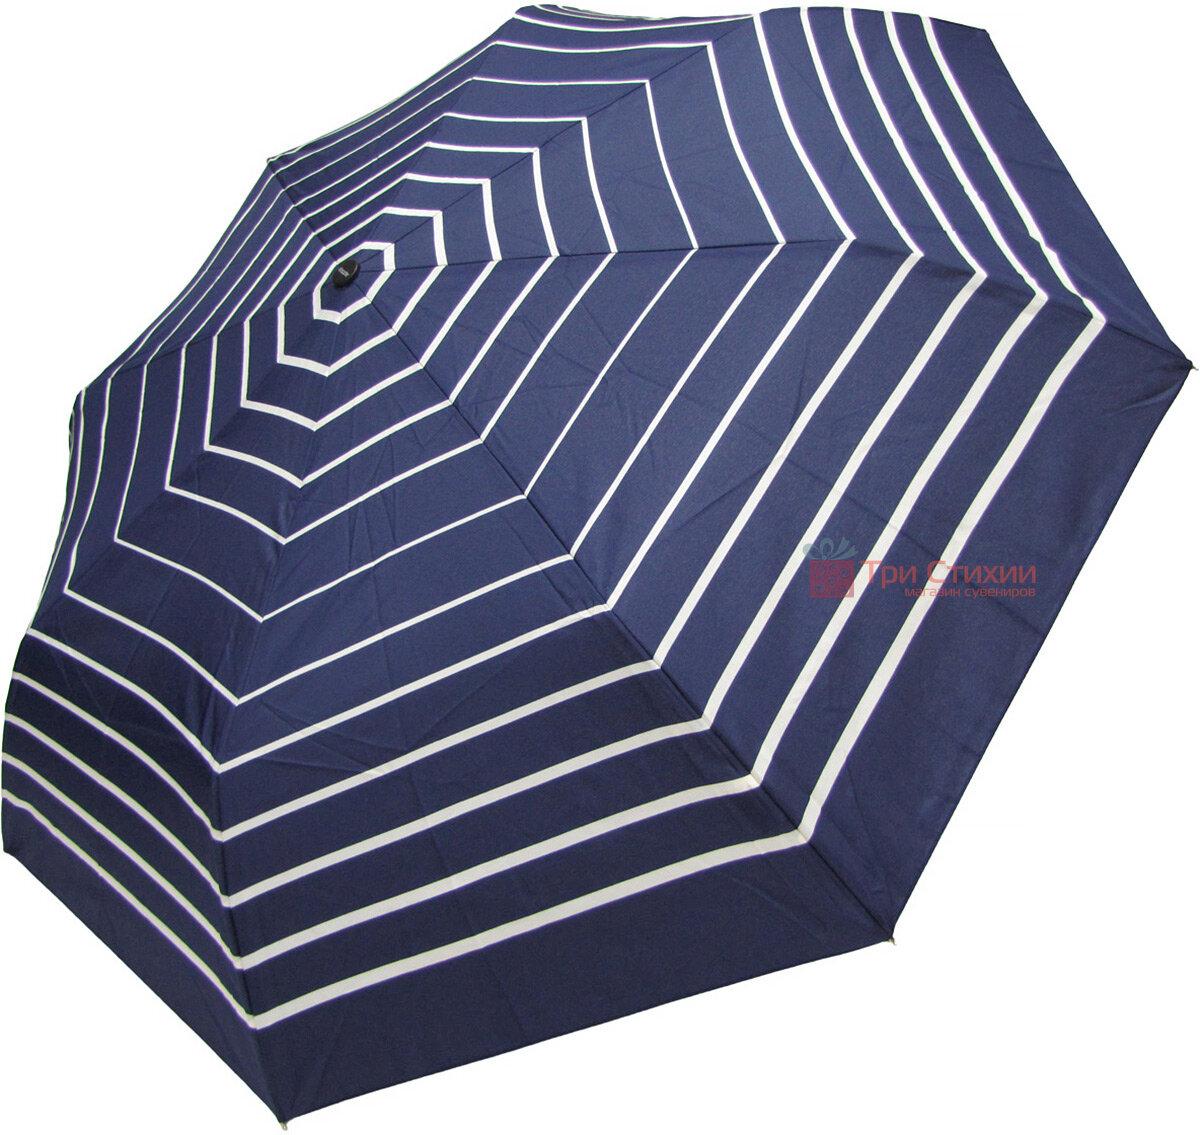 Зонт складной Doppler 730165NE03 полуавтомат Синий в полоску, фото